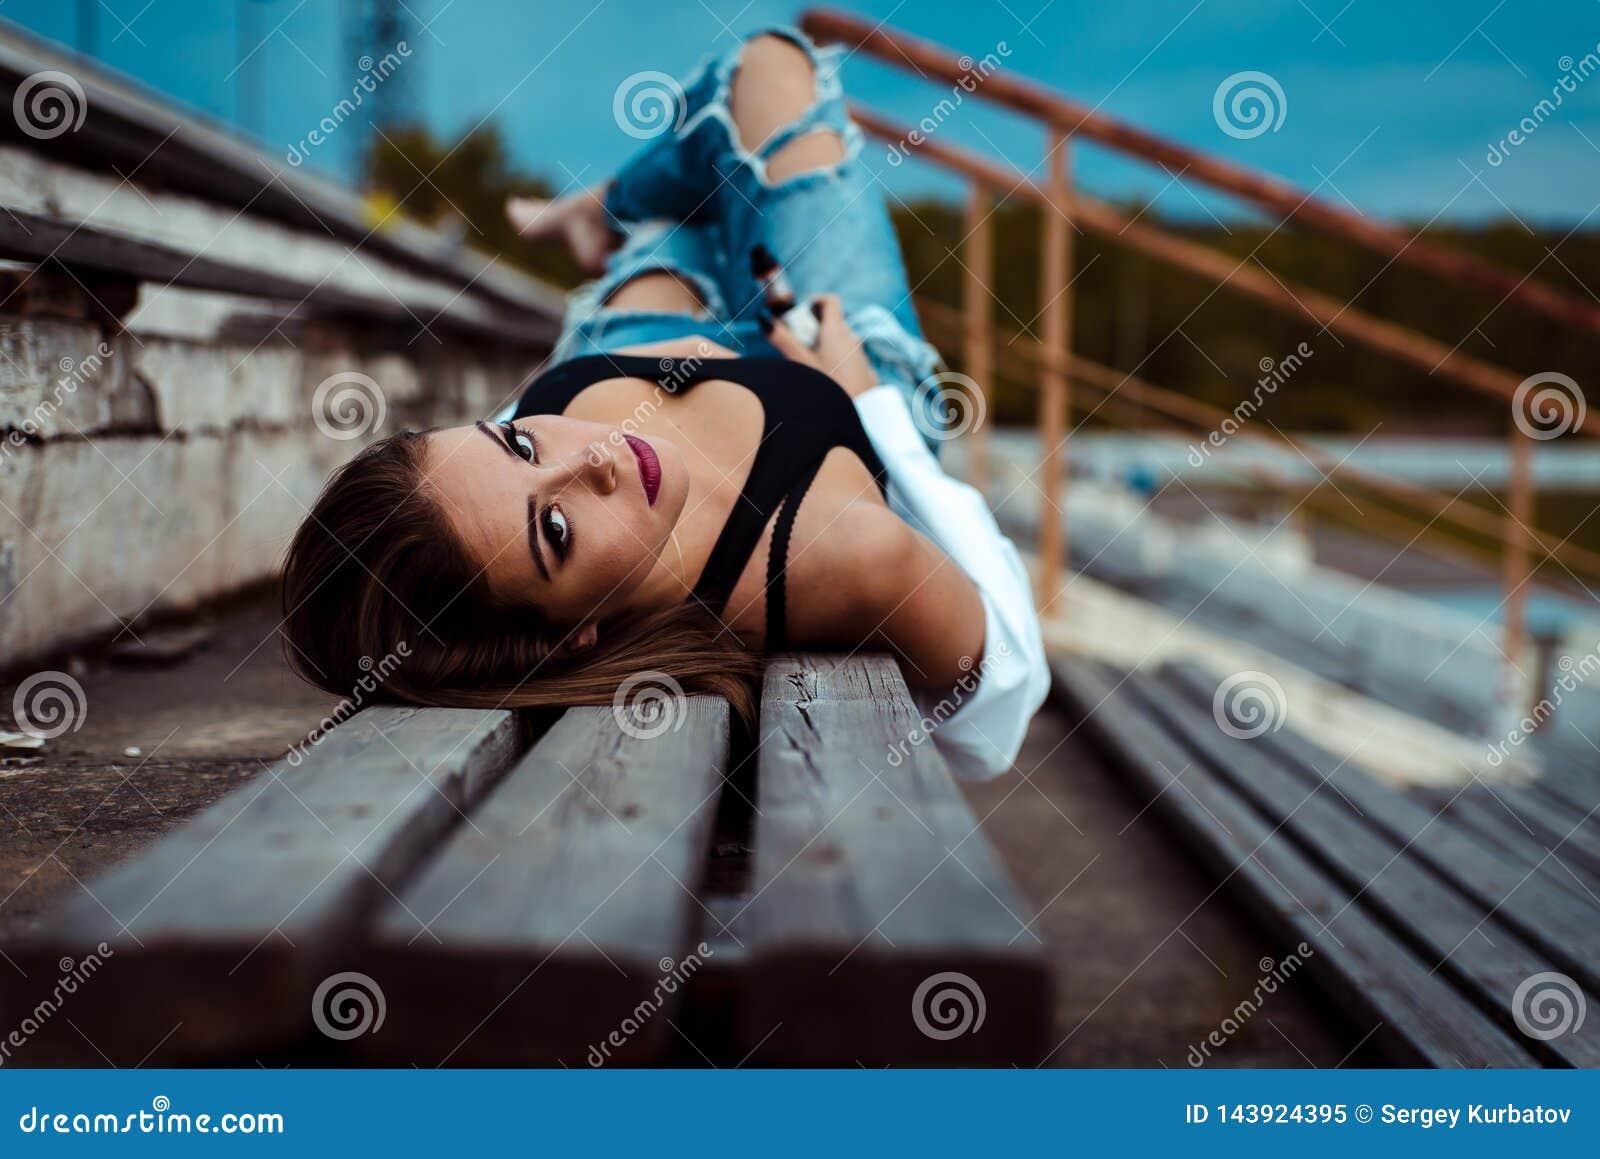 De jonge sexy vrouw ligt op een houten bank Zij neemt onderbreking na training in gymnastiek openlucht